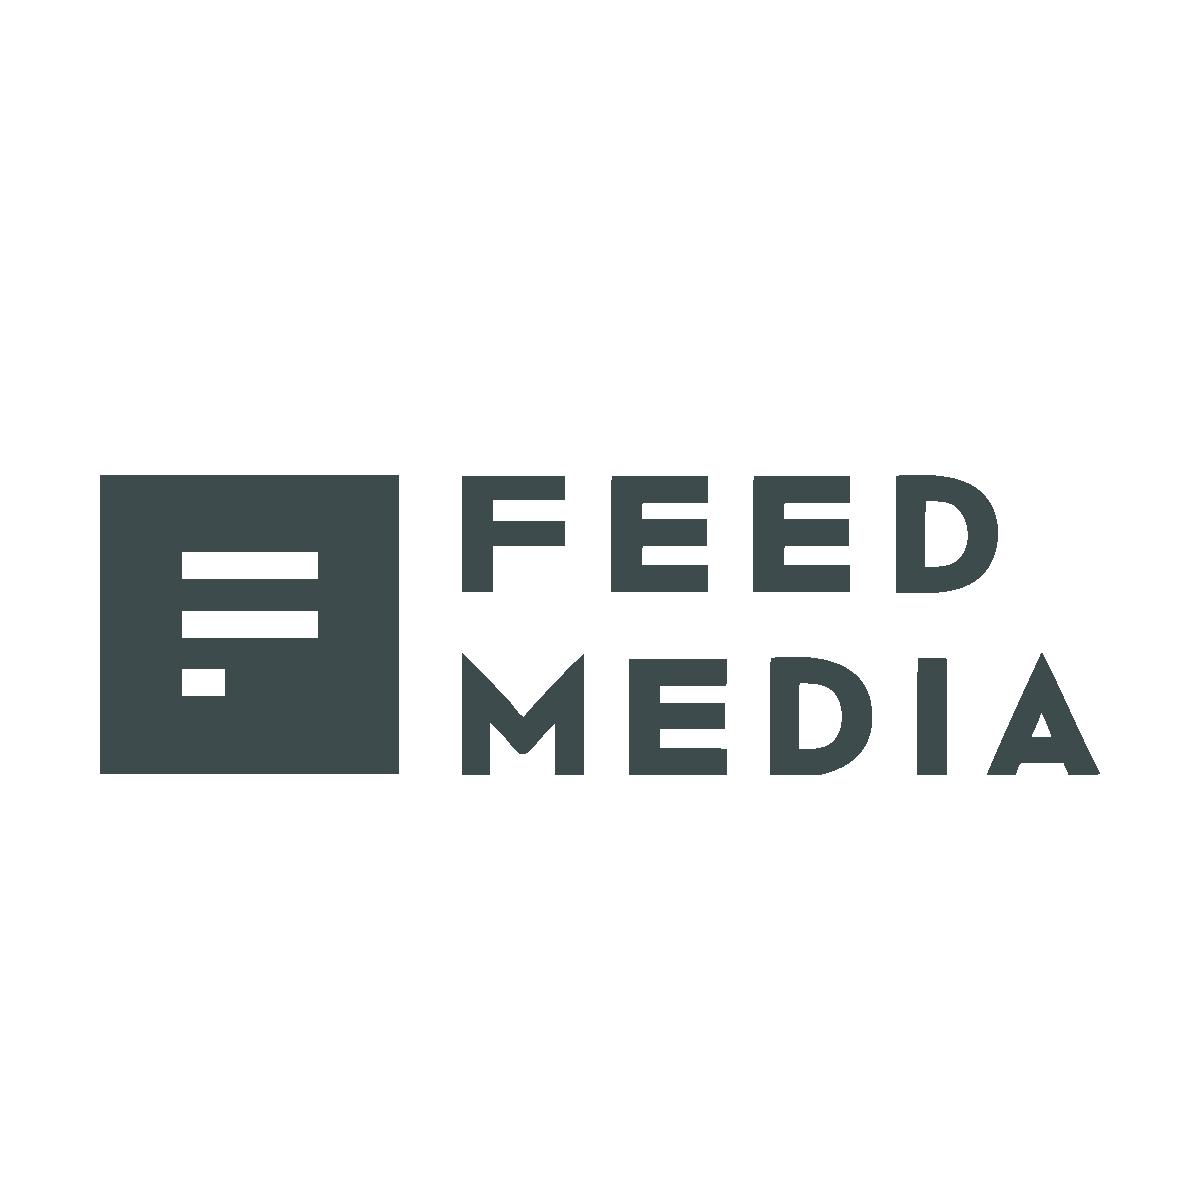 FeedMedia_4x4Logo-01-01-01.png